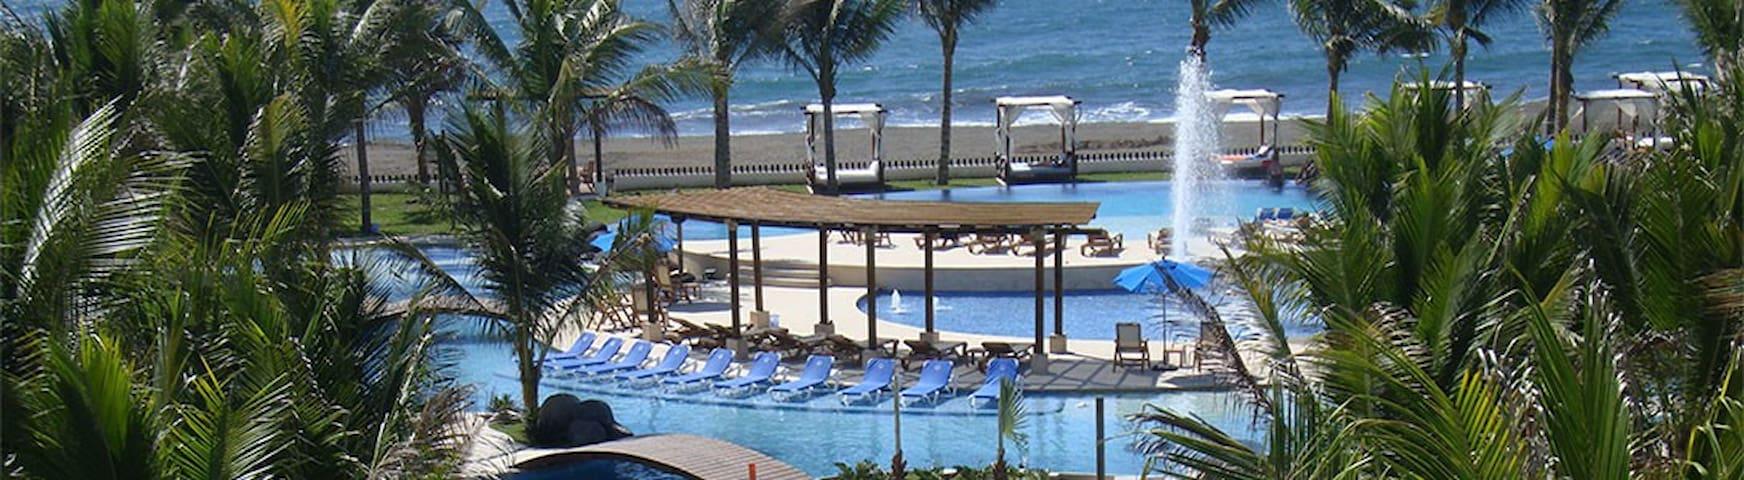 Lindo apto en condominio, piscinas, frente al mar - Monterrico - Appartement